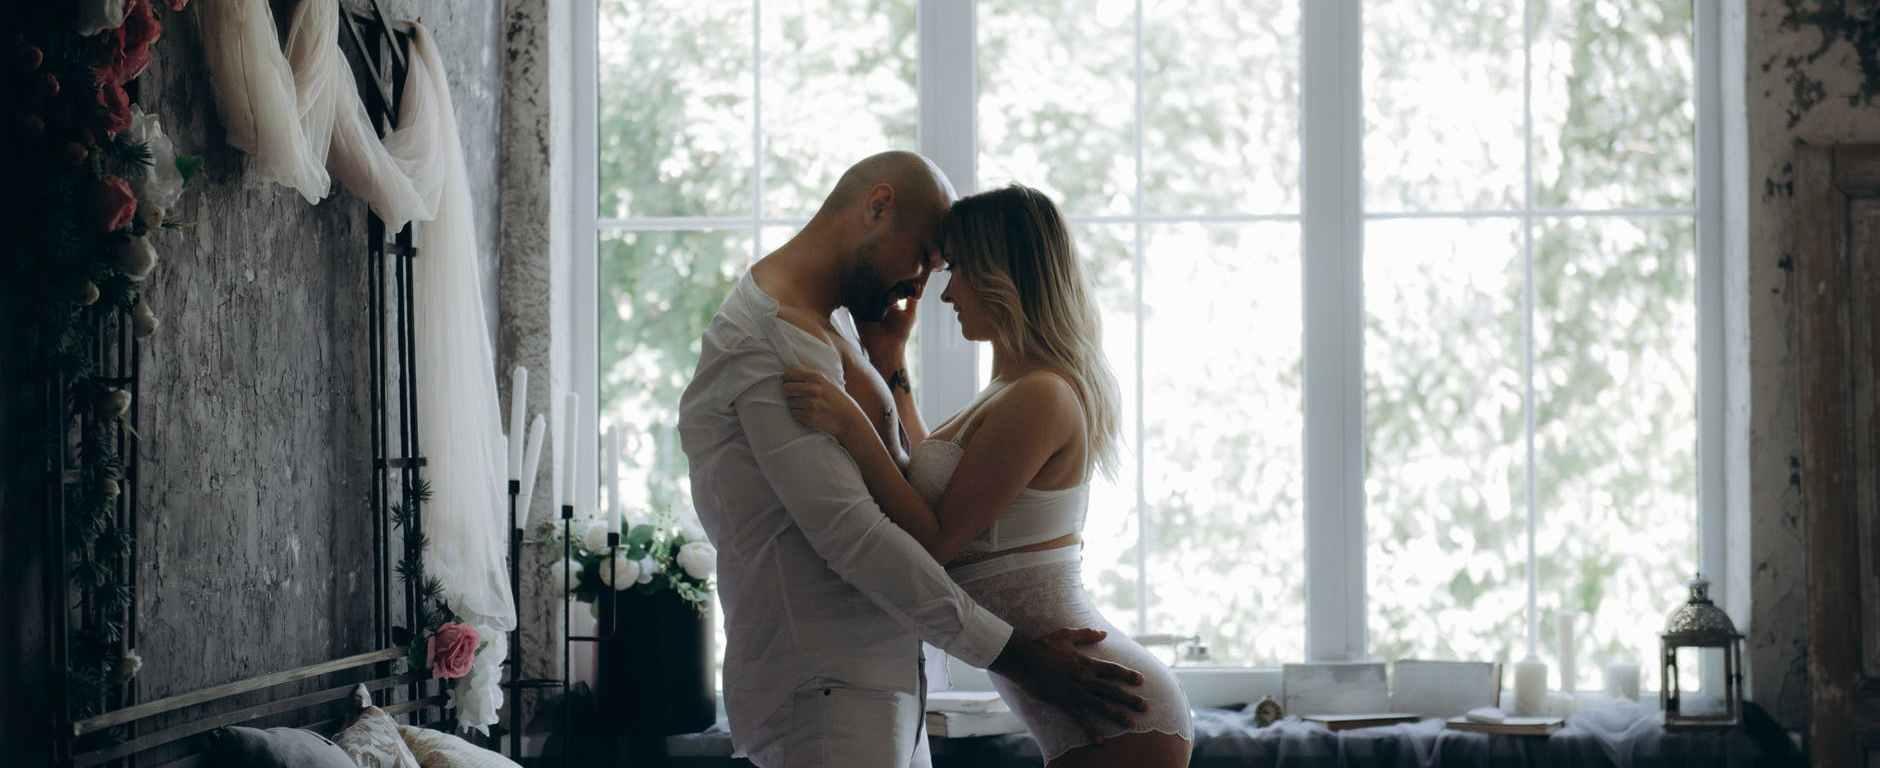 σεξ, σεξουαλικότητα, σεξουαλικό πρόβλημα, σεξουαλική υγεία, άνδρας και σεξ, ερωτικός λόγος, σεξουαλική φαντασίωση, ερωτικε΄ς φαντασιώσεις, προακταρκτικά παιχνίδια, σεξουαλικά παιχνίδια, άντρας και σεξ,